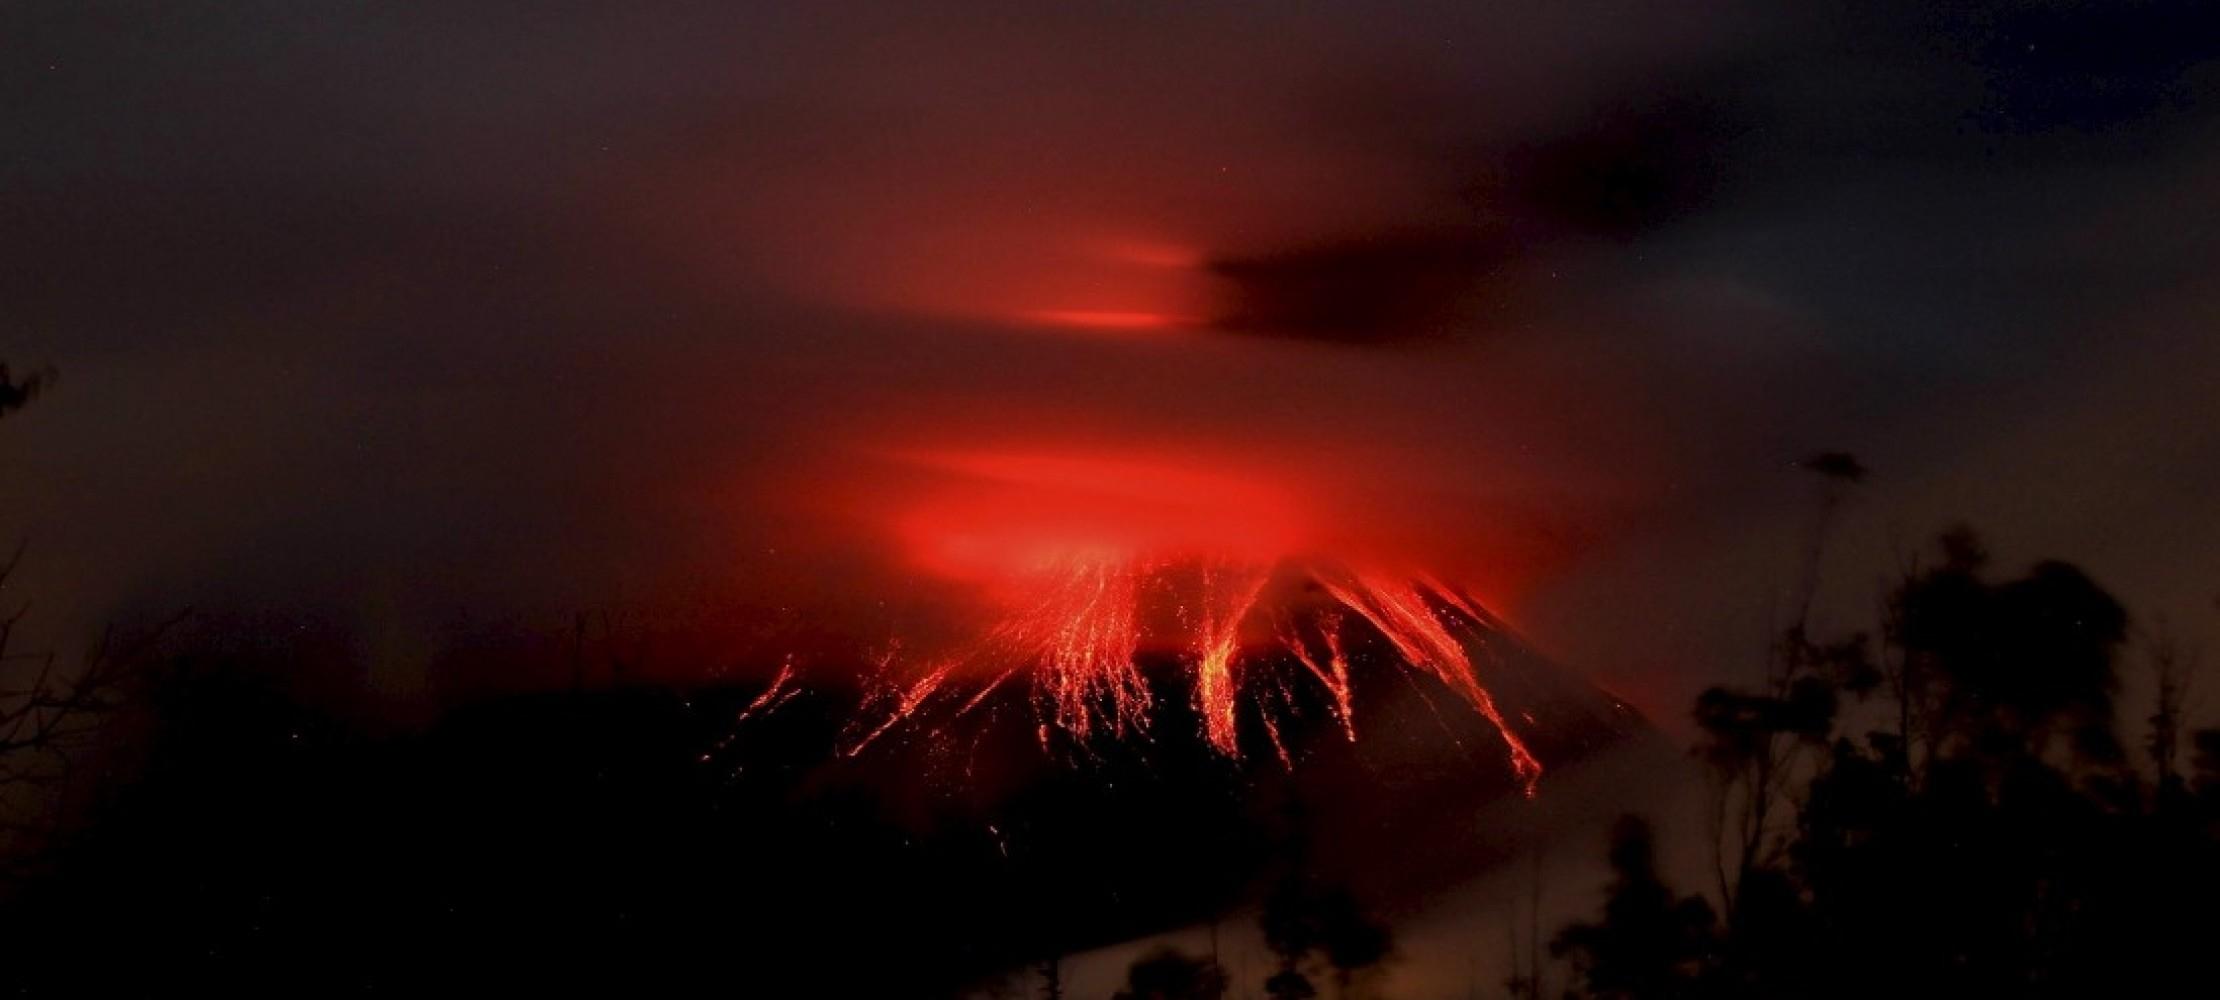 Guatemala: Warum Brechen Vulkane Aus? verwandt mit Was Passiert Bei Einem Vulkanausbruch